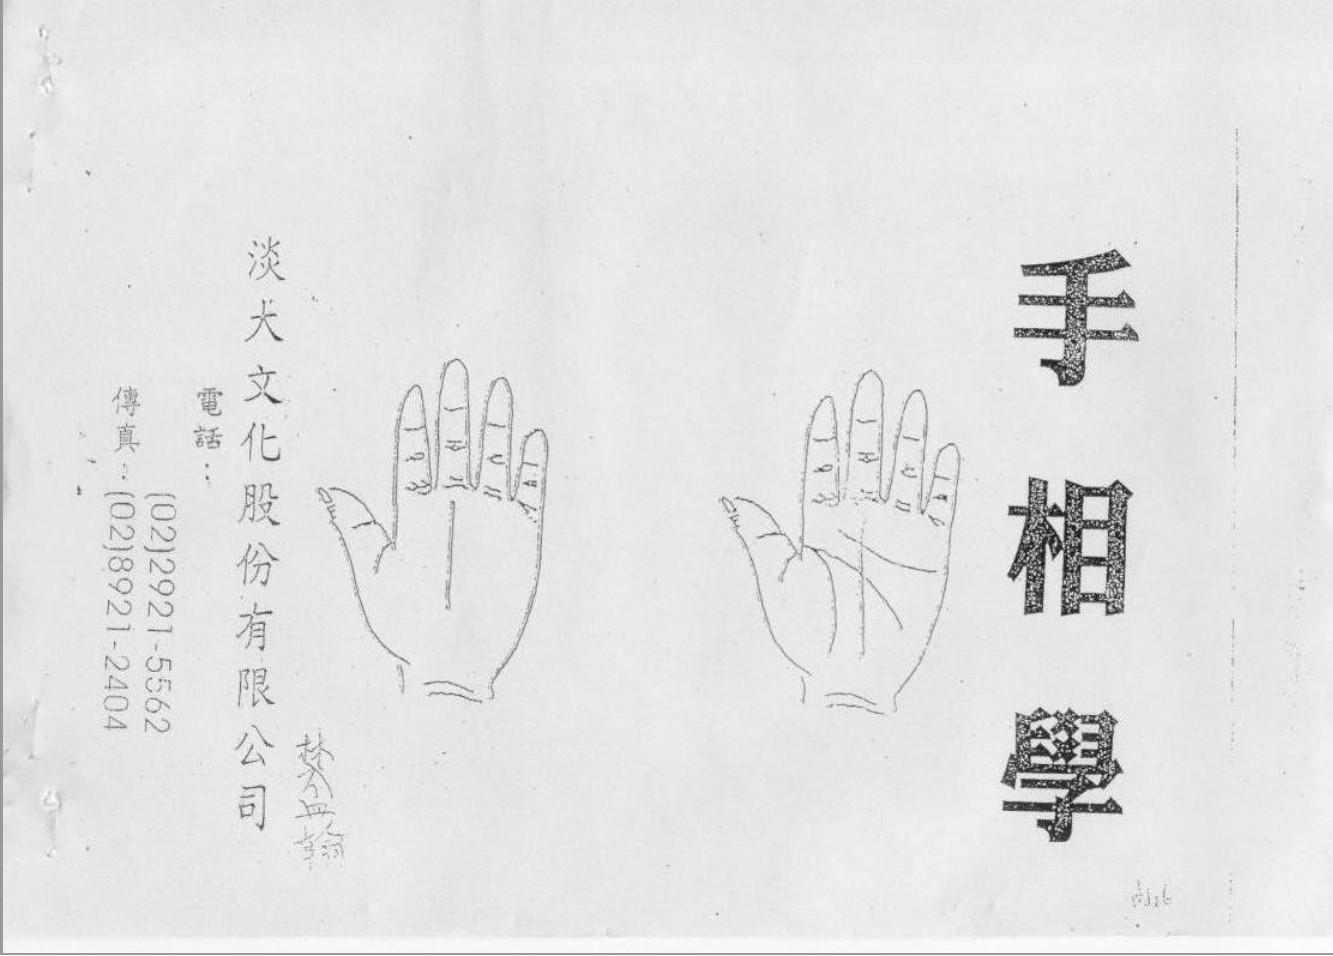 林盛翰+手相教学(台湾手相大师)-要福利,就在第一福利!